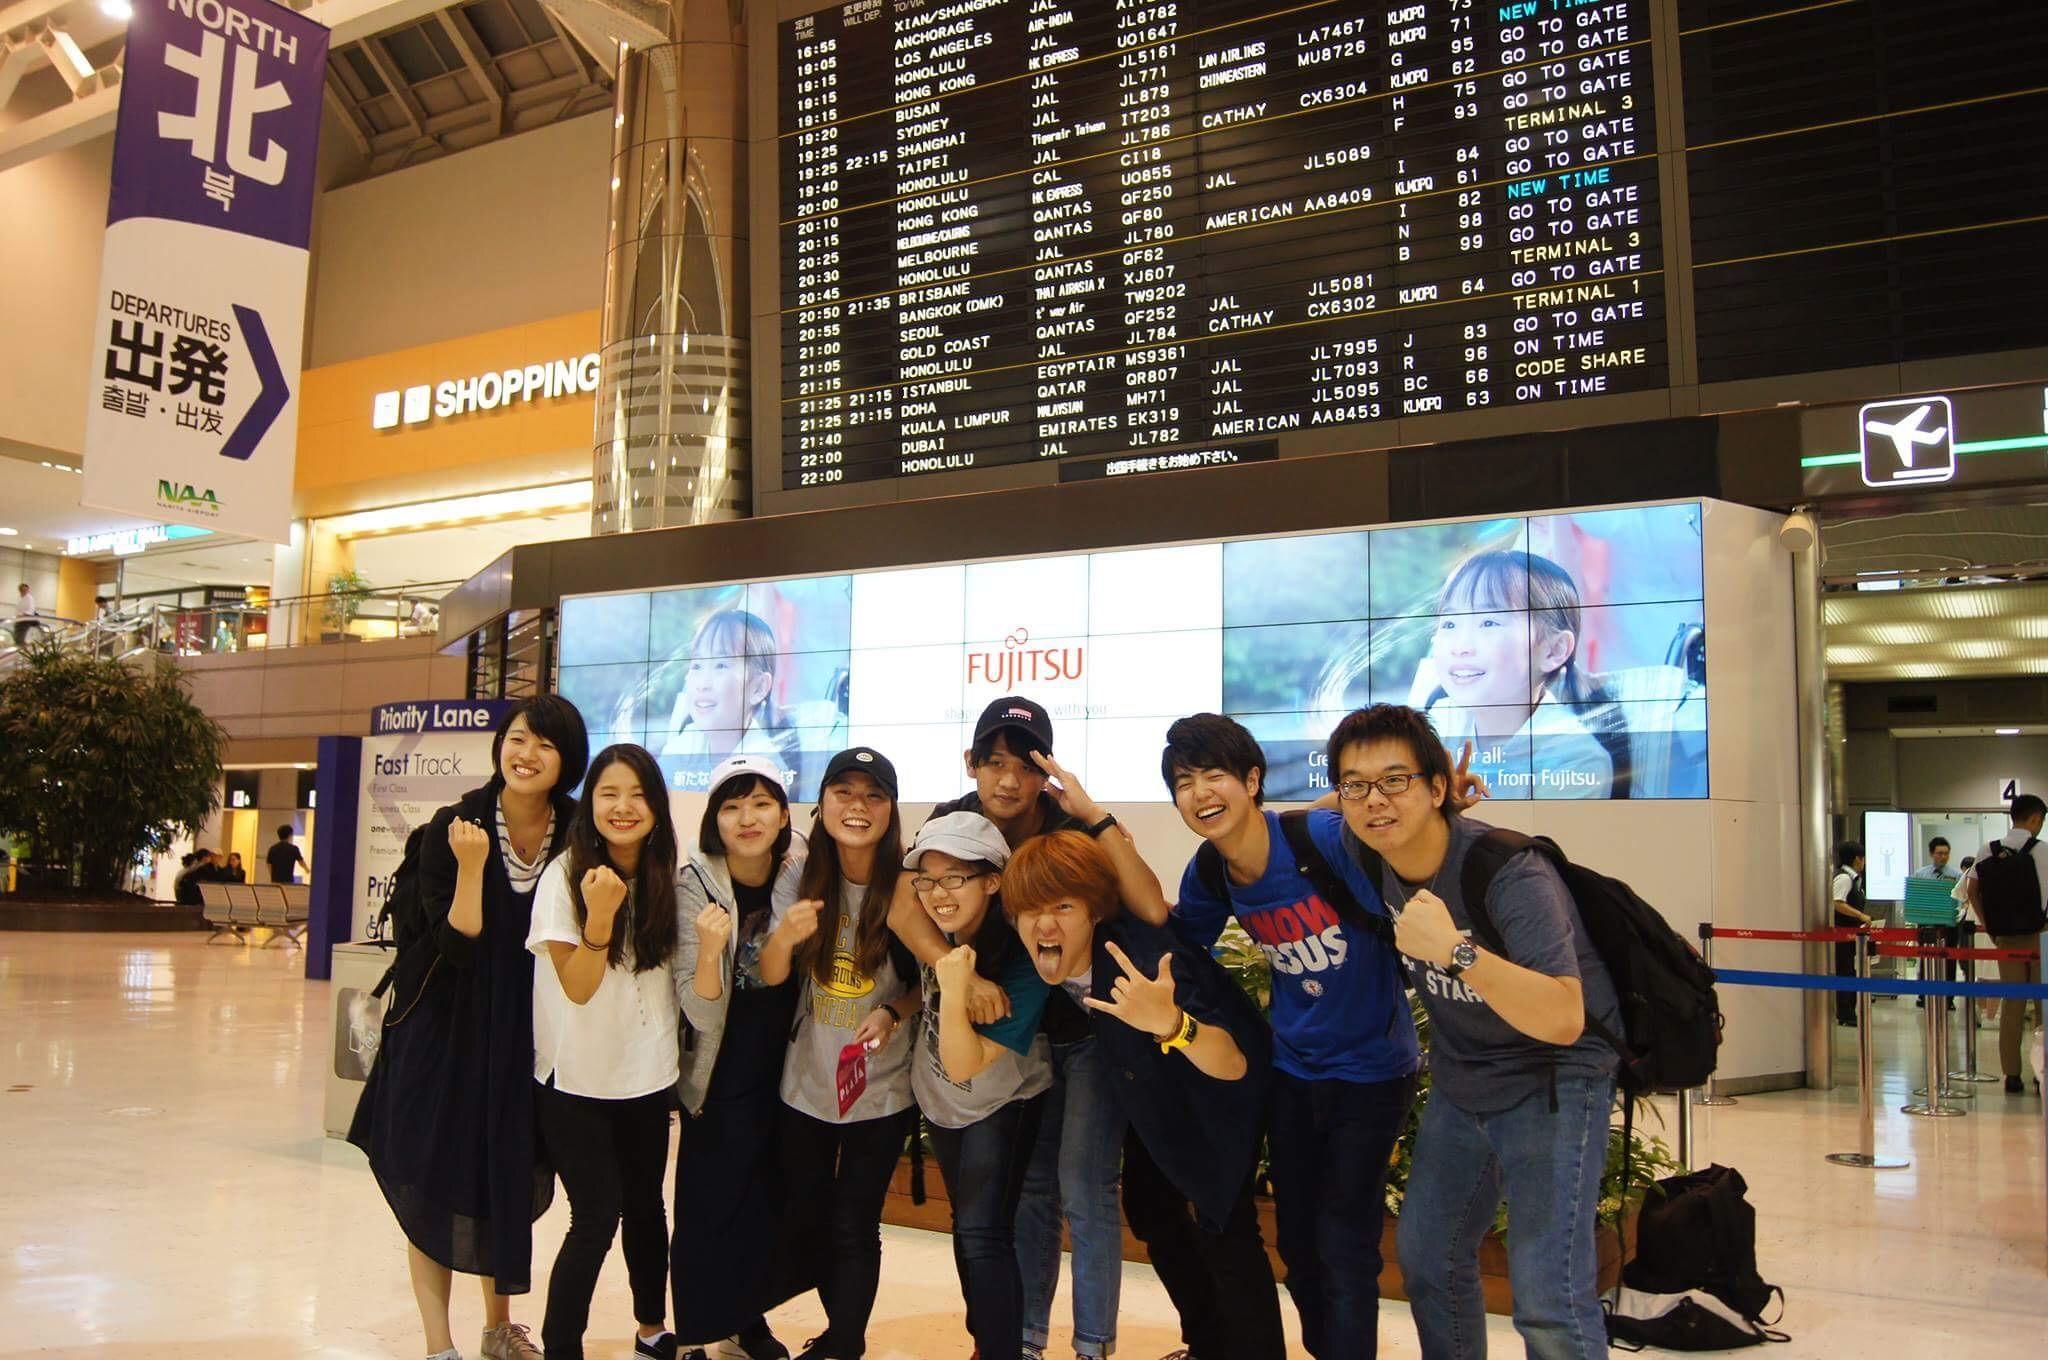 EISA_departures